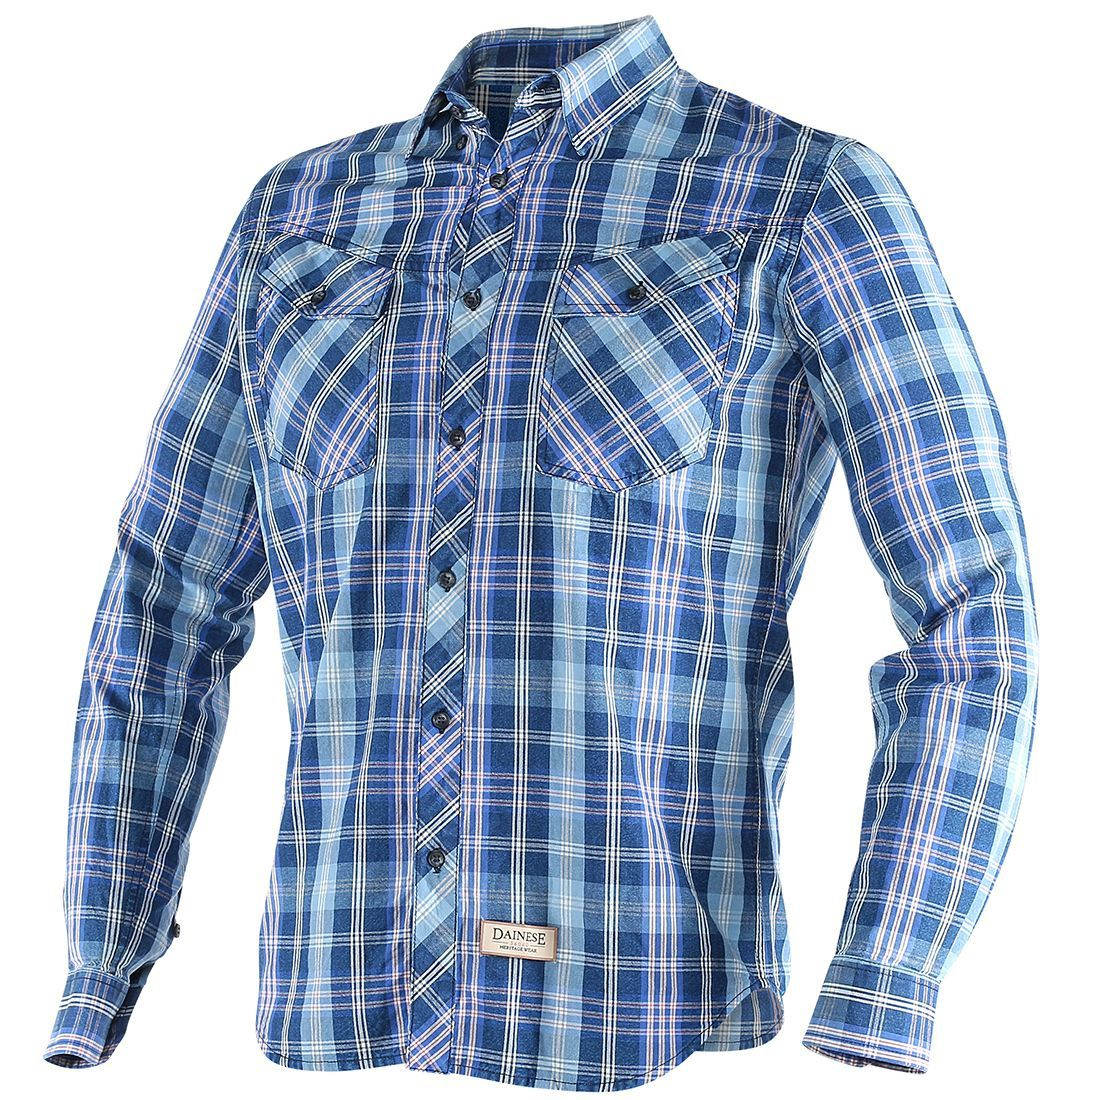 【DAINESE】ALLEN 襯衫 - 「Webike-摩托百貨」